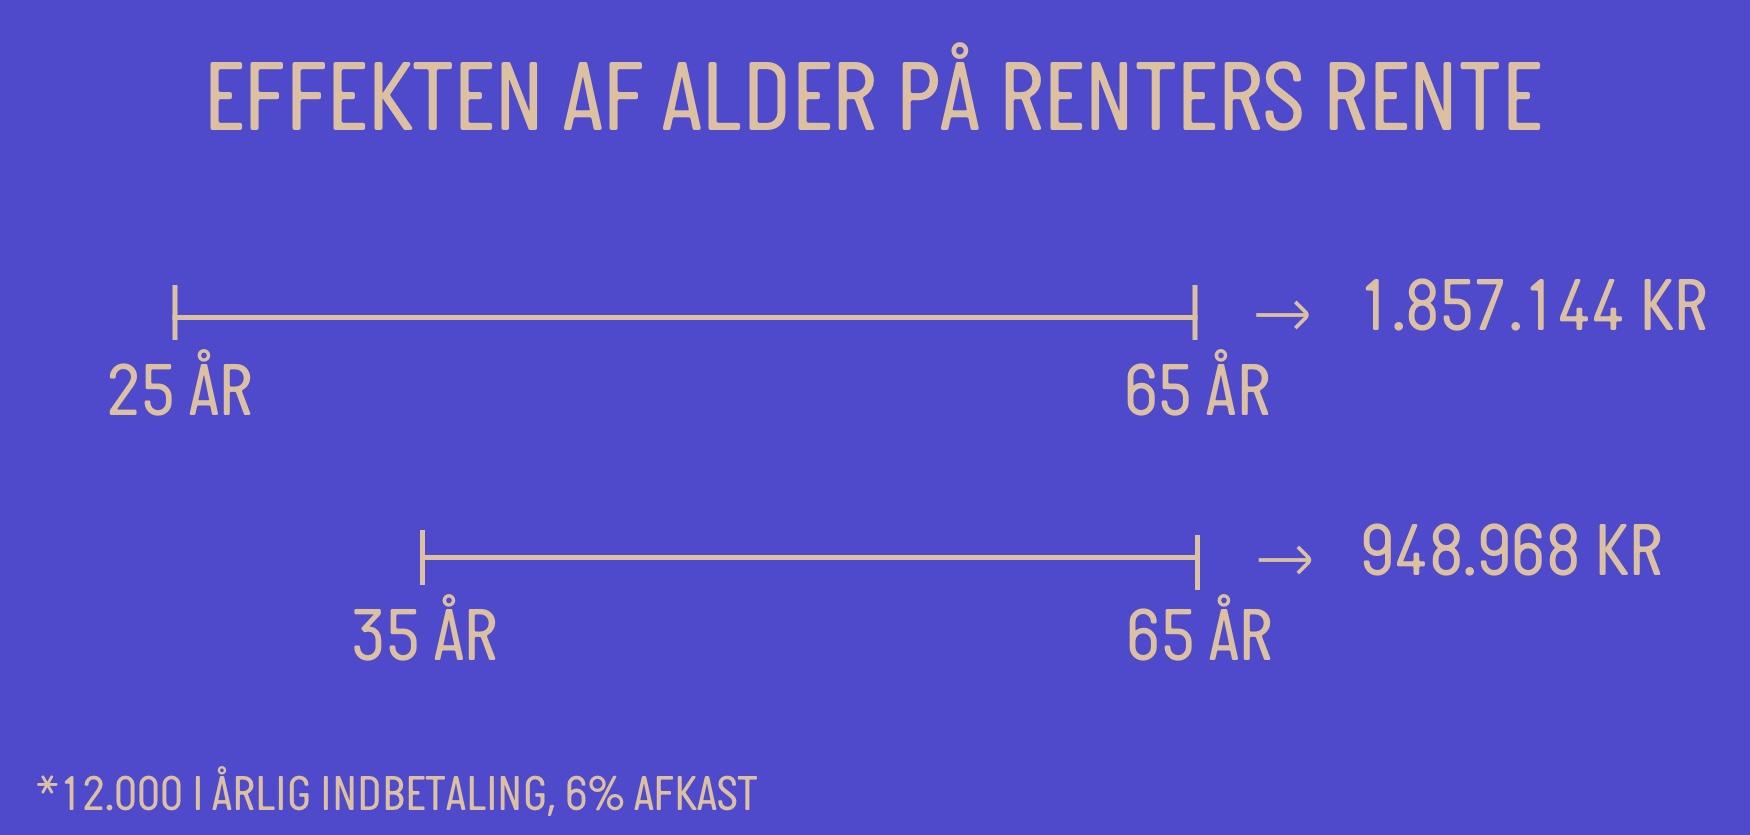 effekten af alder på renters rente